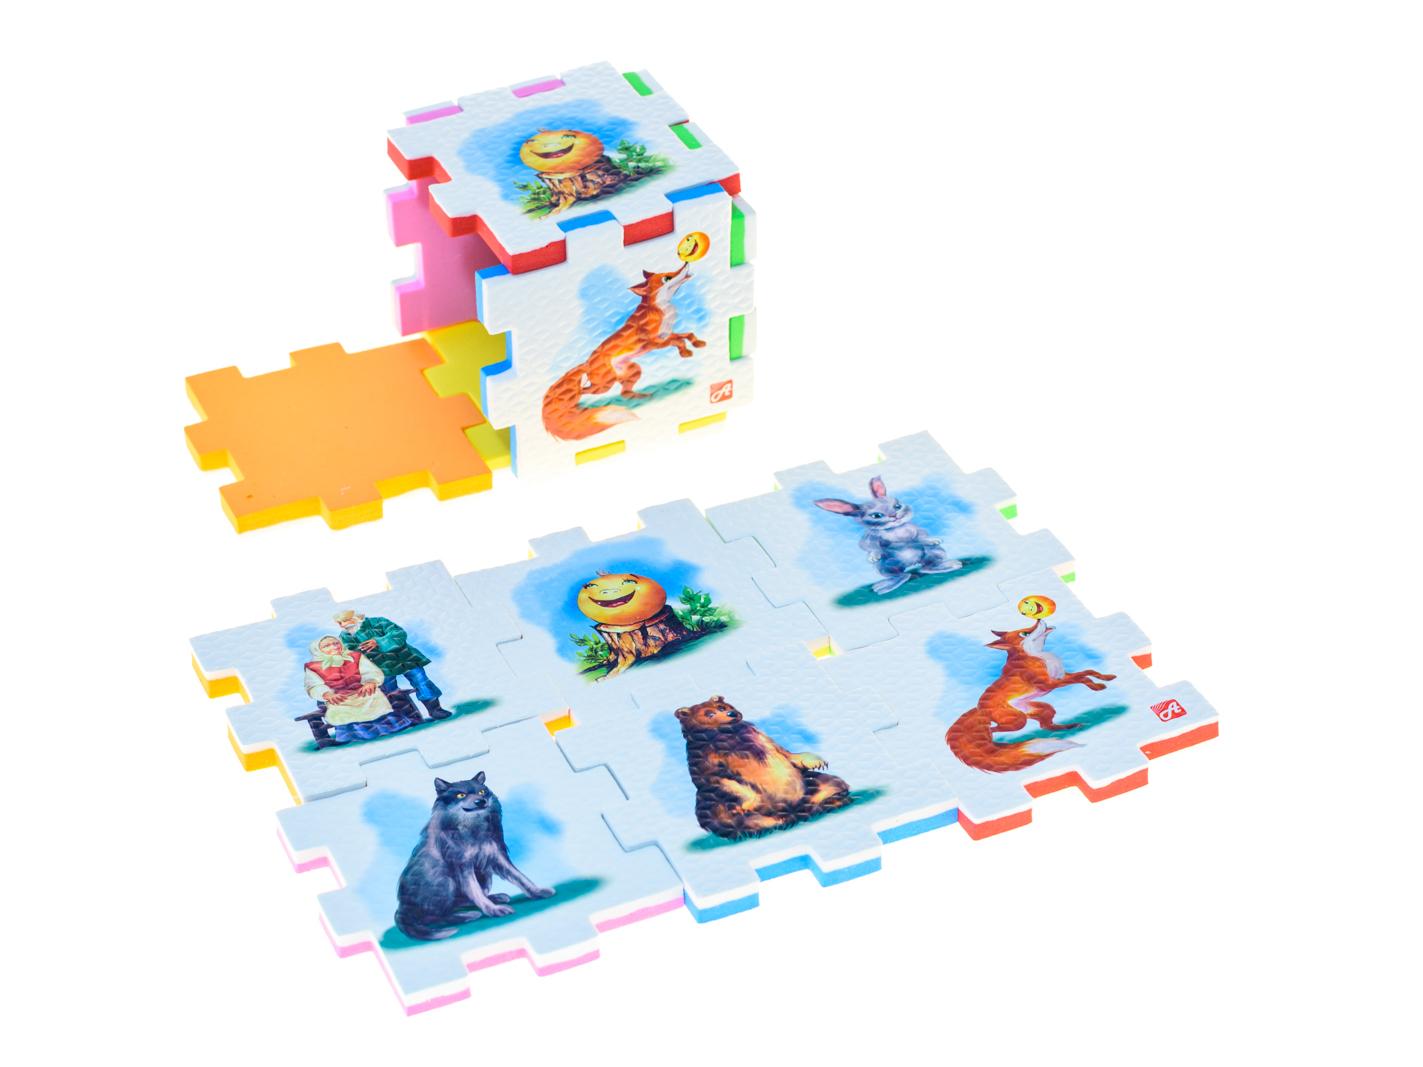 Нескучный кубик Пазл для малышей Колобок282351Развивающее пособие-игрушка призвано в легкой игровой форме помочь ребенку познакомиться с окружающим миром, изучить цвета, формы, развить логическое и ассоциативное мышление. Из деталей кубика можно конструировать не только кубик из 6 элементов! Попробуйте собрать форму побольше — из 10-12 деталей, либо кубик из 24 деталей, у которого каждая сторона будет состоять из 4-х картинок-элементов. Либо вы можете сложить с ребенком необычный коврик из деталей кубика. Кубики «Сказки» можно использовать как наглядное пособие для сказочных игр с ребенком, например как демонстрационный материал, выкладывая героев в соответствующей последовательности. В дальнейшем ребенок самостоятельно будет играть с любимыми героями, рассказывать сказки и устраивать представления, развивая воображение и устную речь.